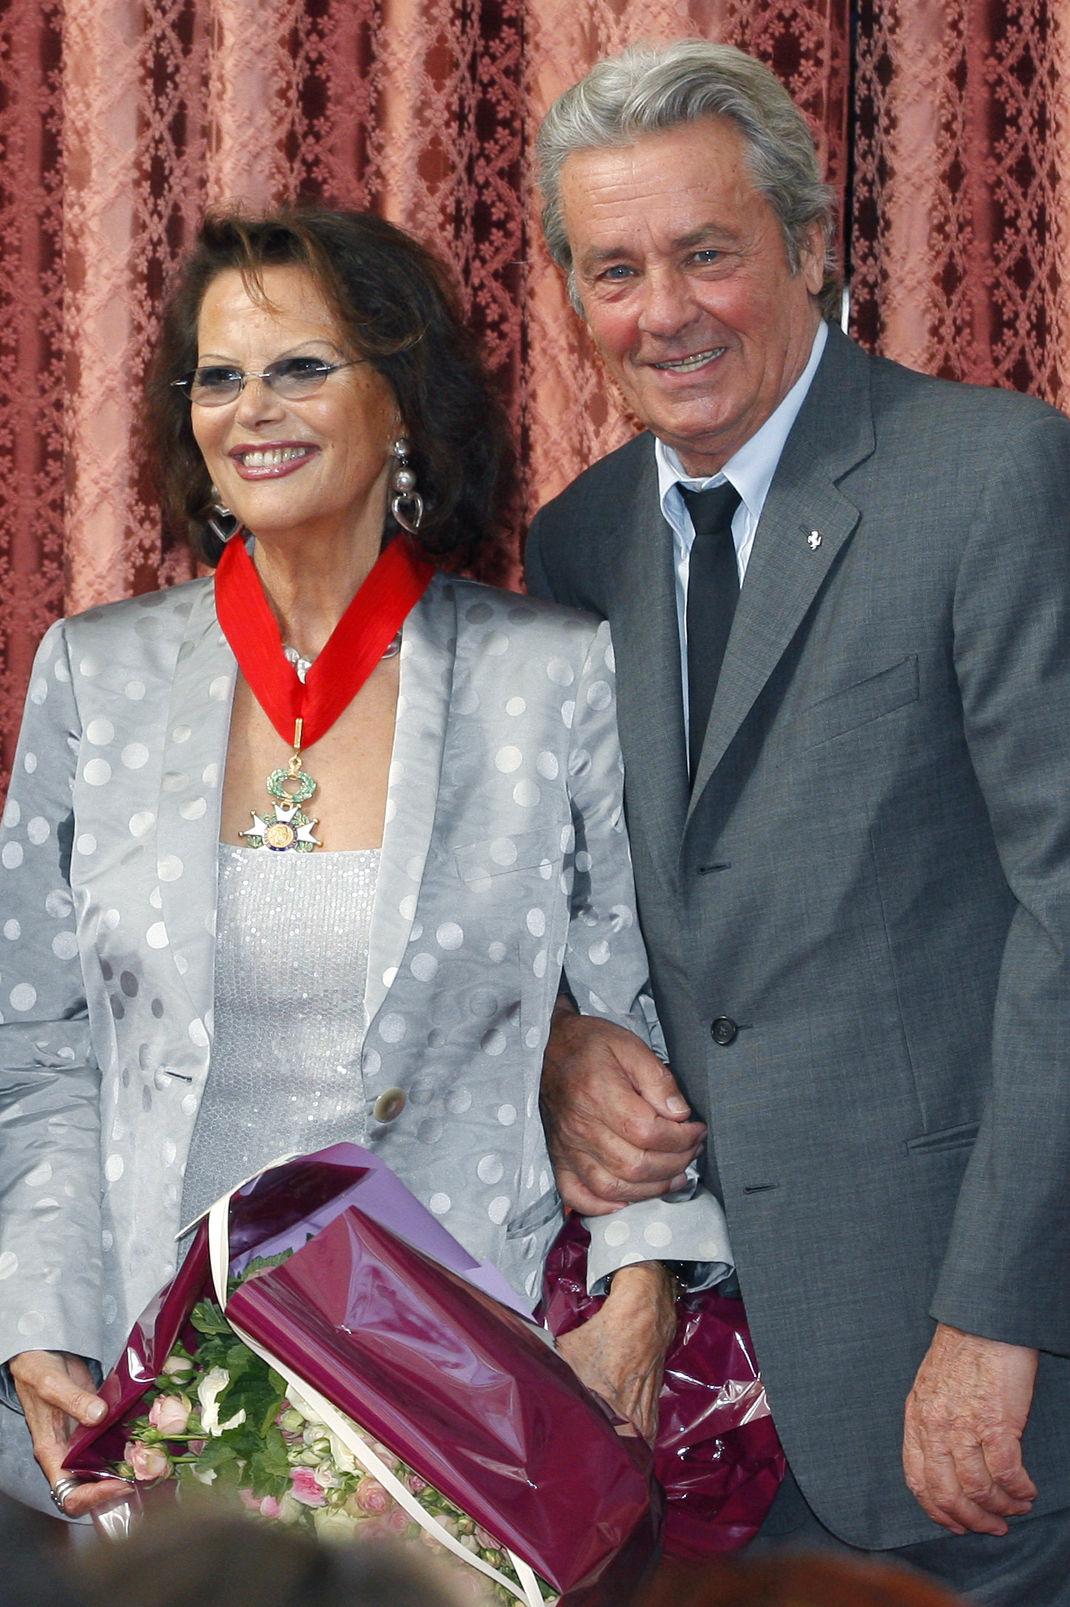 Κλαούντια Καρντινάλε, Αλέν Ντελόν, Ιούλιος 2008/ Φωτογραφία: AP Images